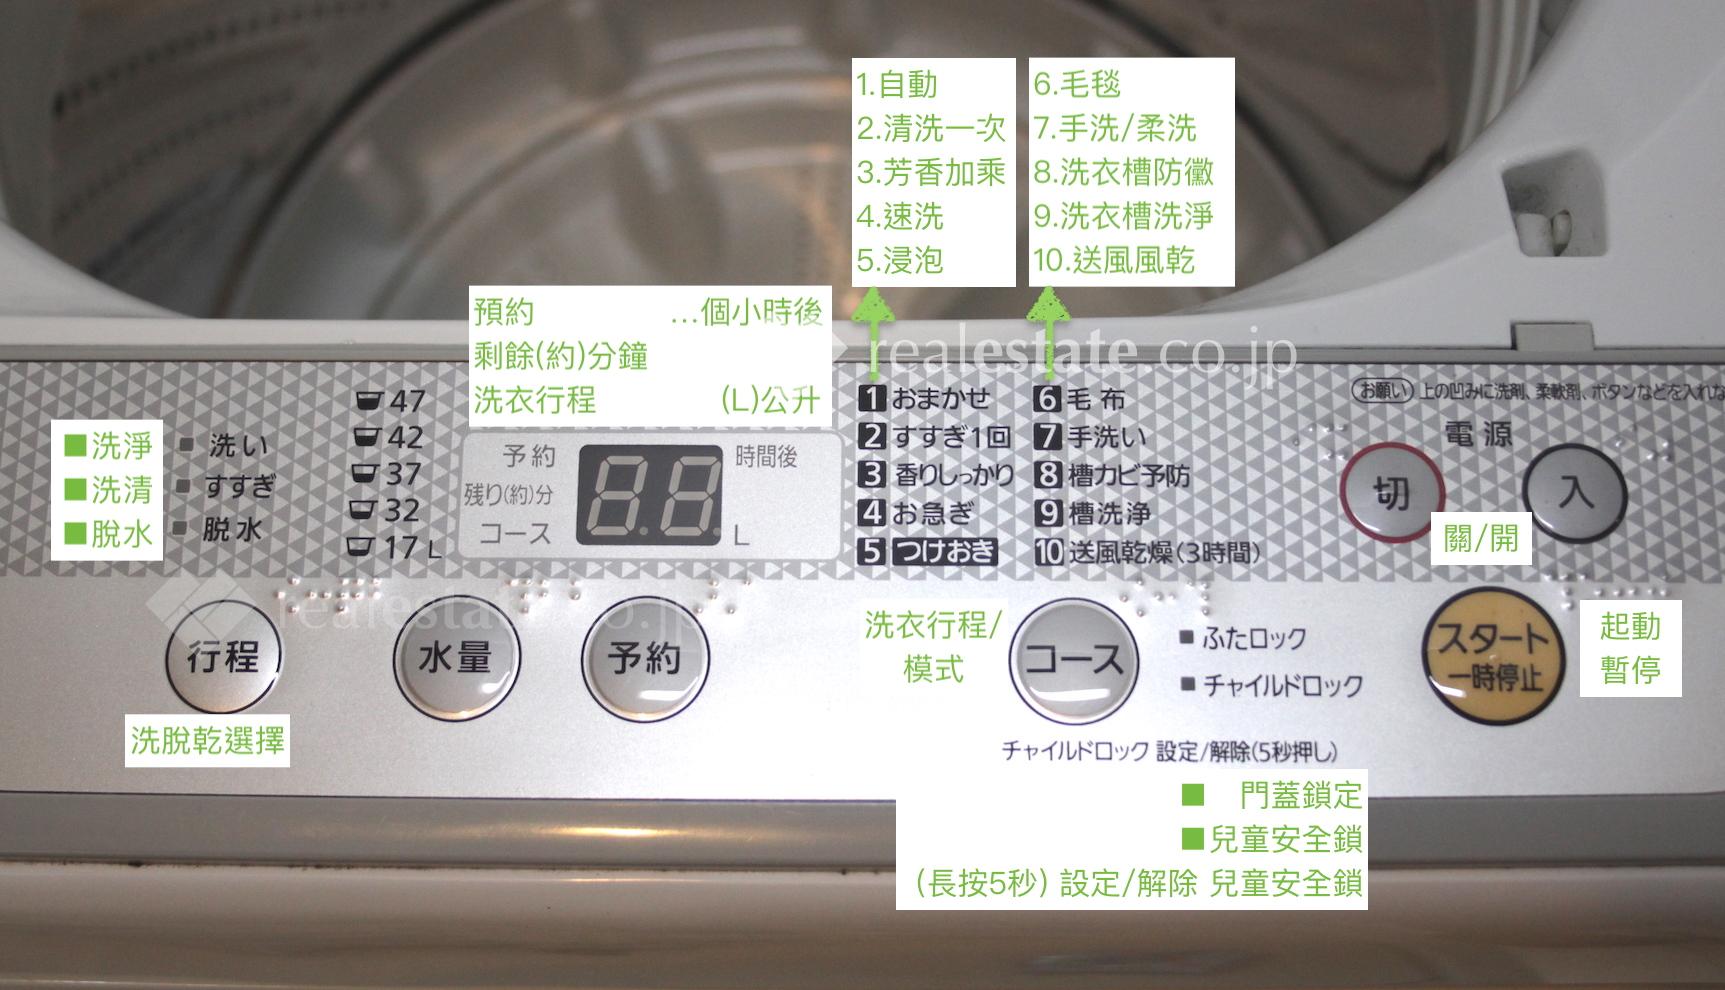 日本洗衣機控制面板功能中文翻譯